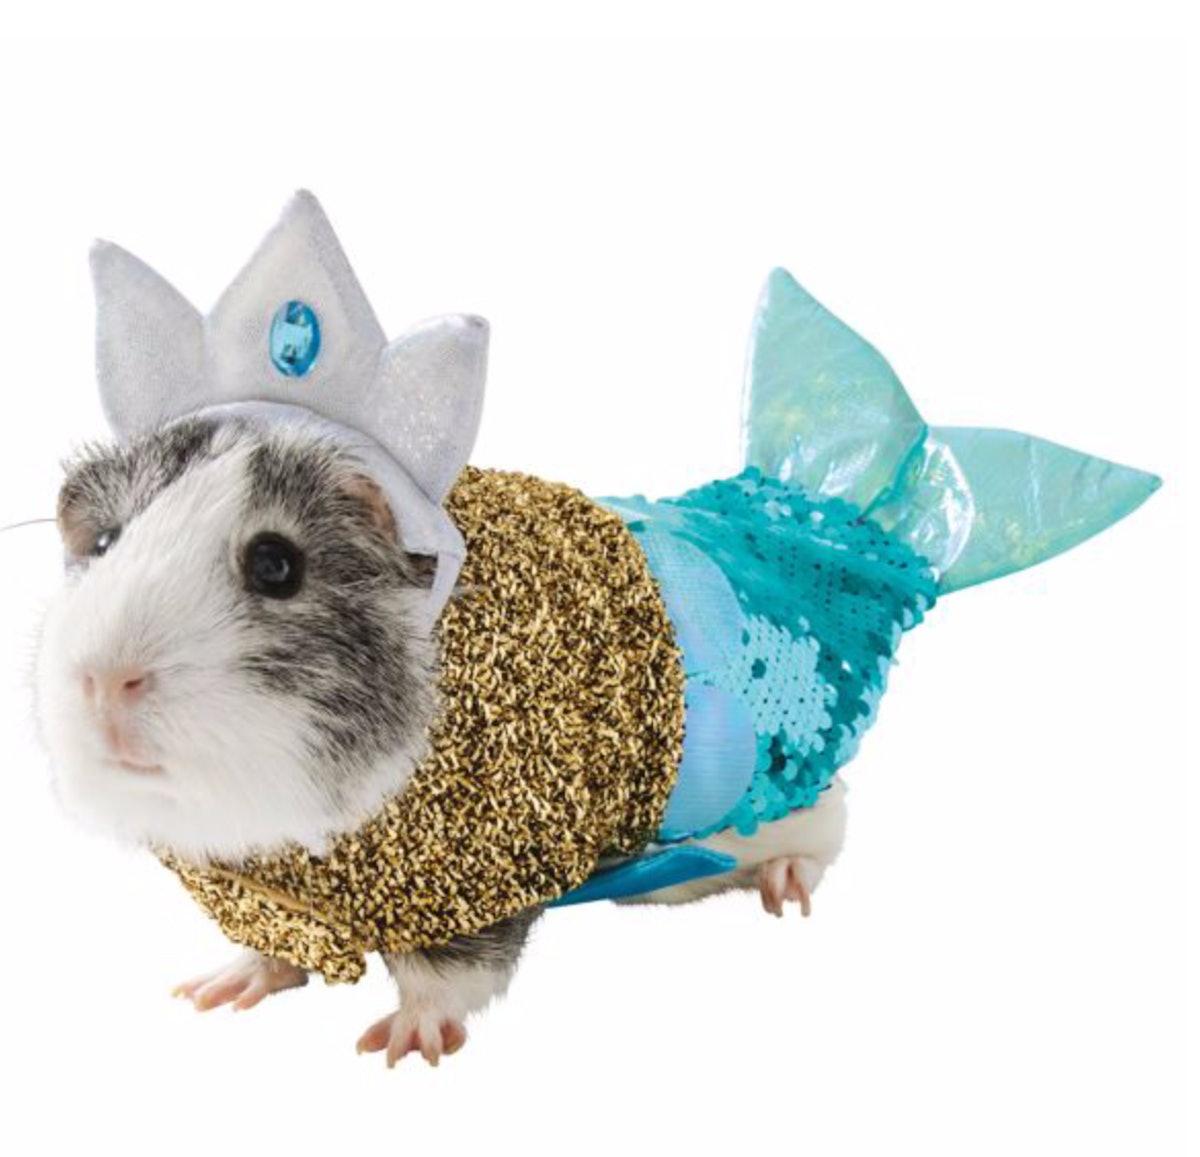 Thrills & Chills™ Mermaid Small Pet Costume